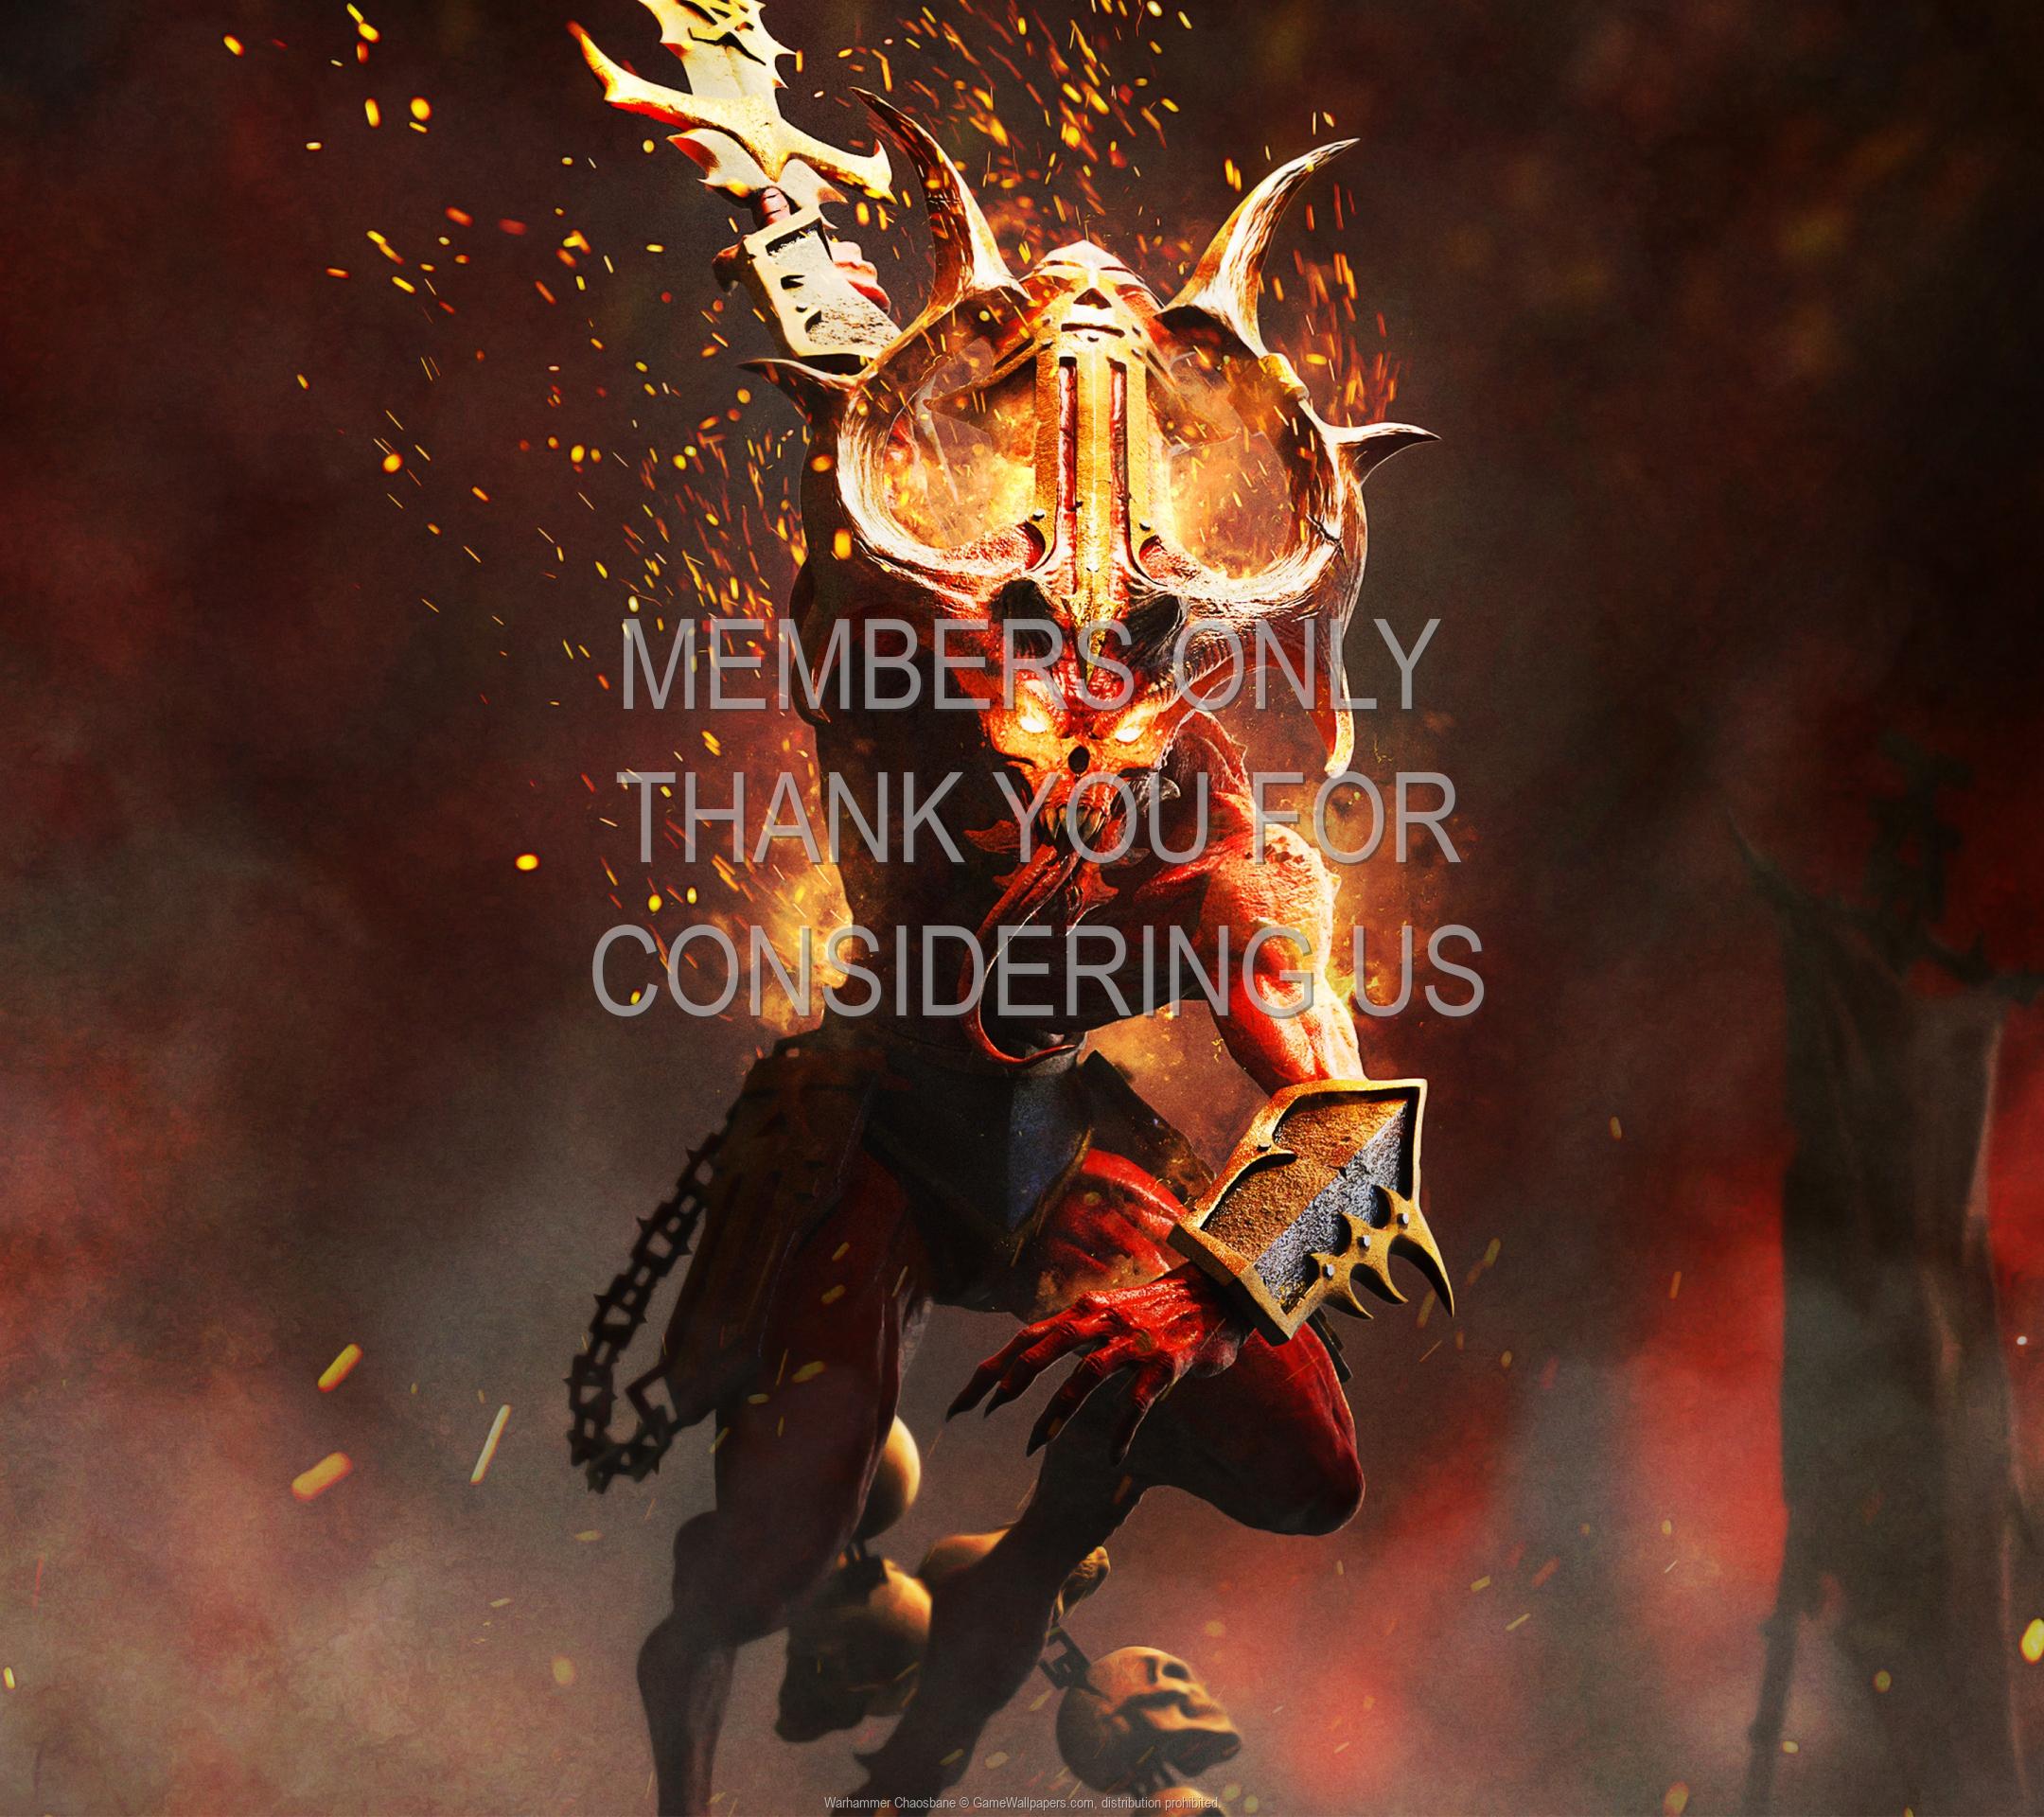 Warhammer: Chaosbane 1920x1080 Handy Hintergrundbild 02